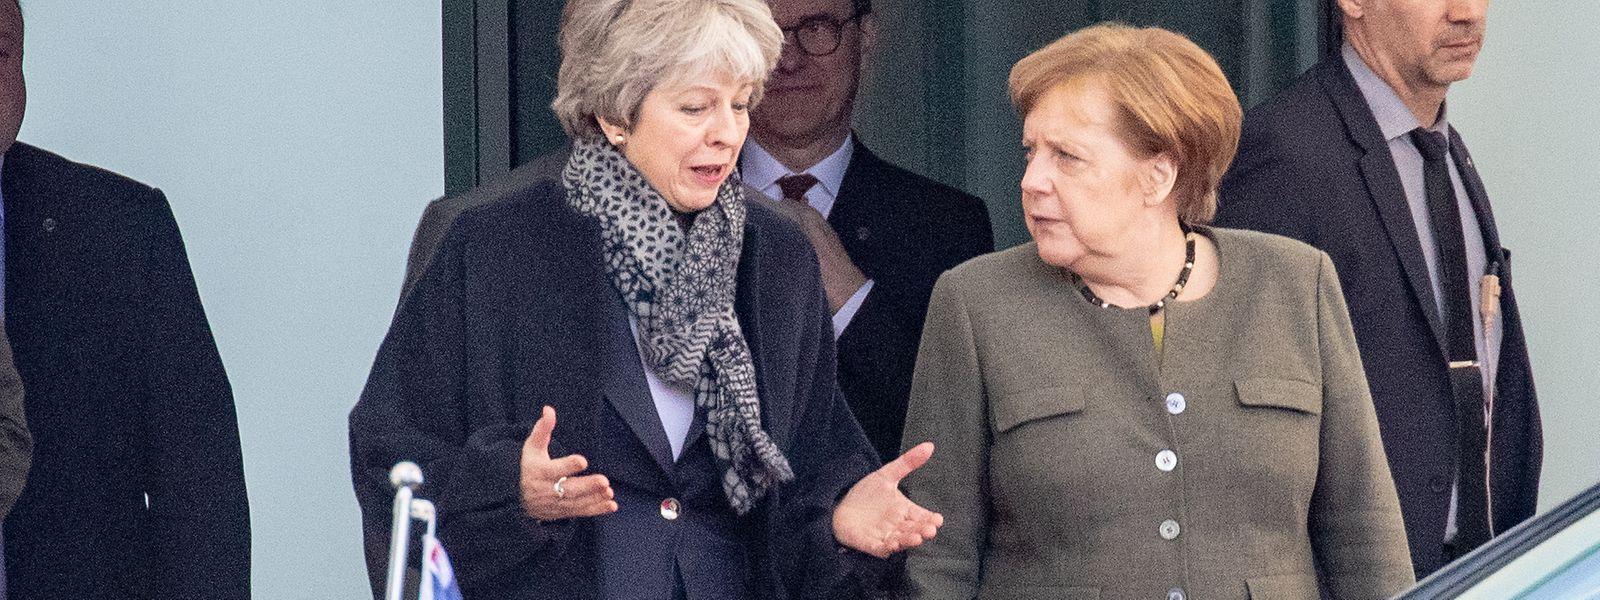 Bundeskanzlerin Angela Merkel kommt neben der britischen Premierministerin Theresa May aus dem Bundeskanzleramt. Thema des Gesprächs war die Vorbereitung des Brexit-Sondergipfels der EU.